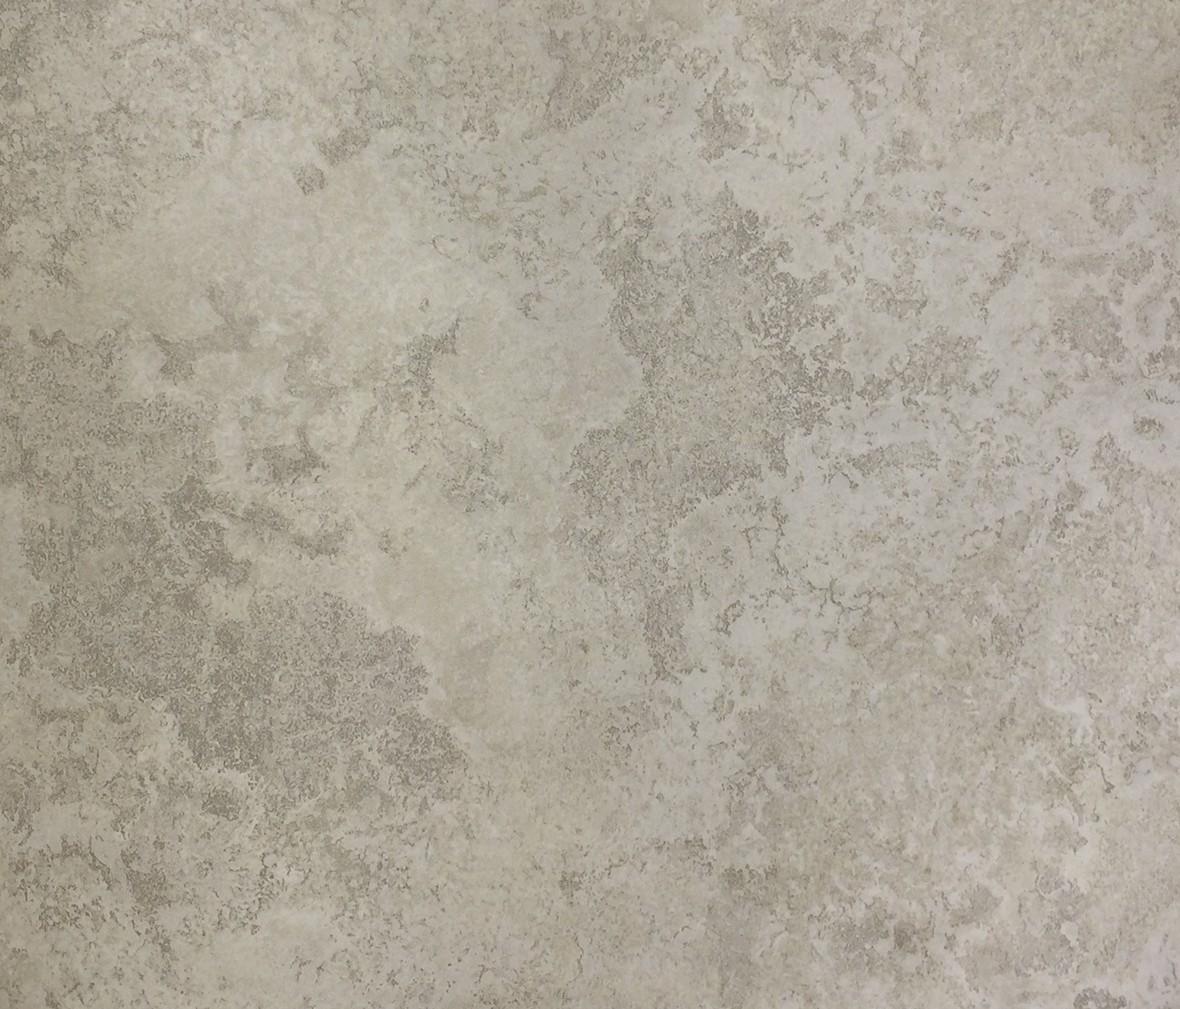 格莱美壁纸 奎特曼系列fl71507型号壁纸 进口环保纯纸